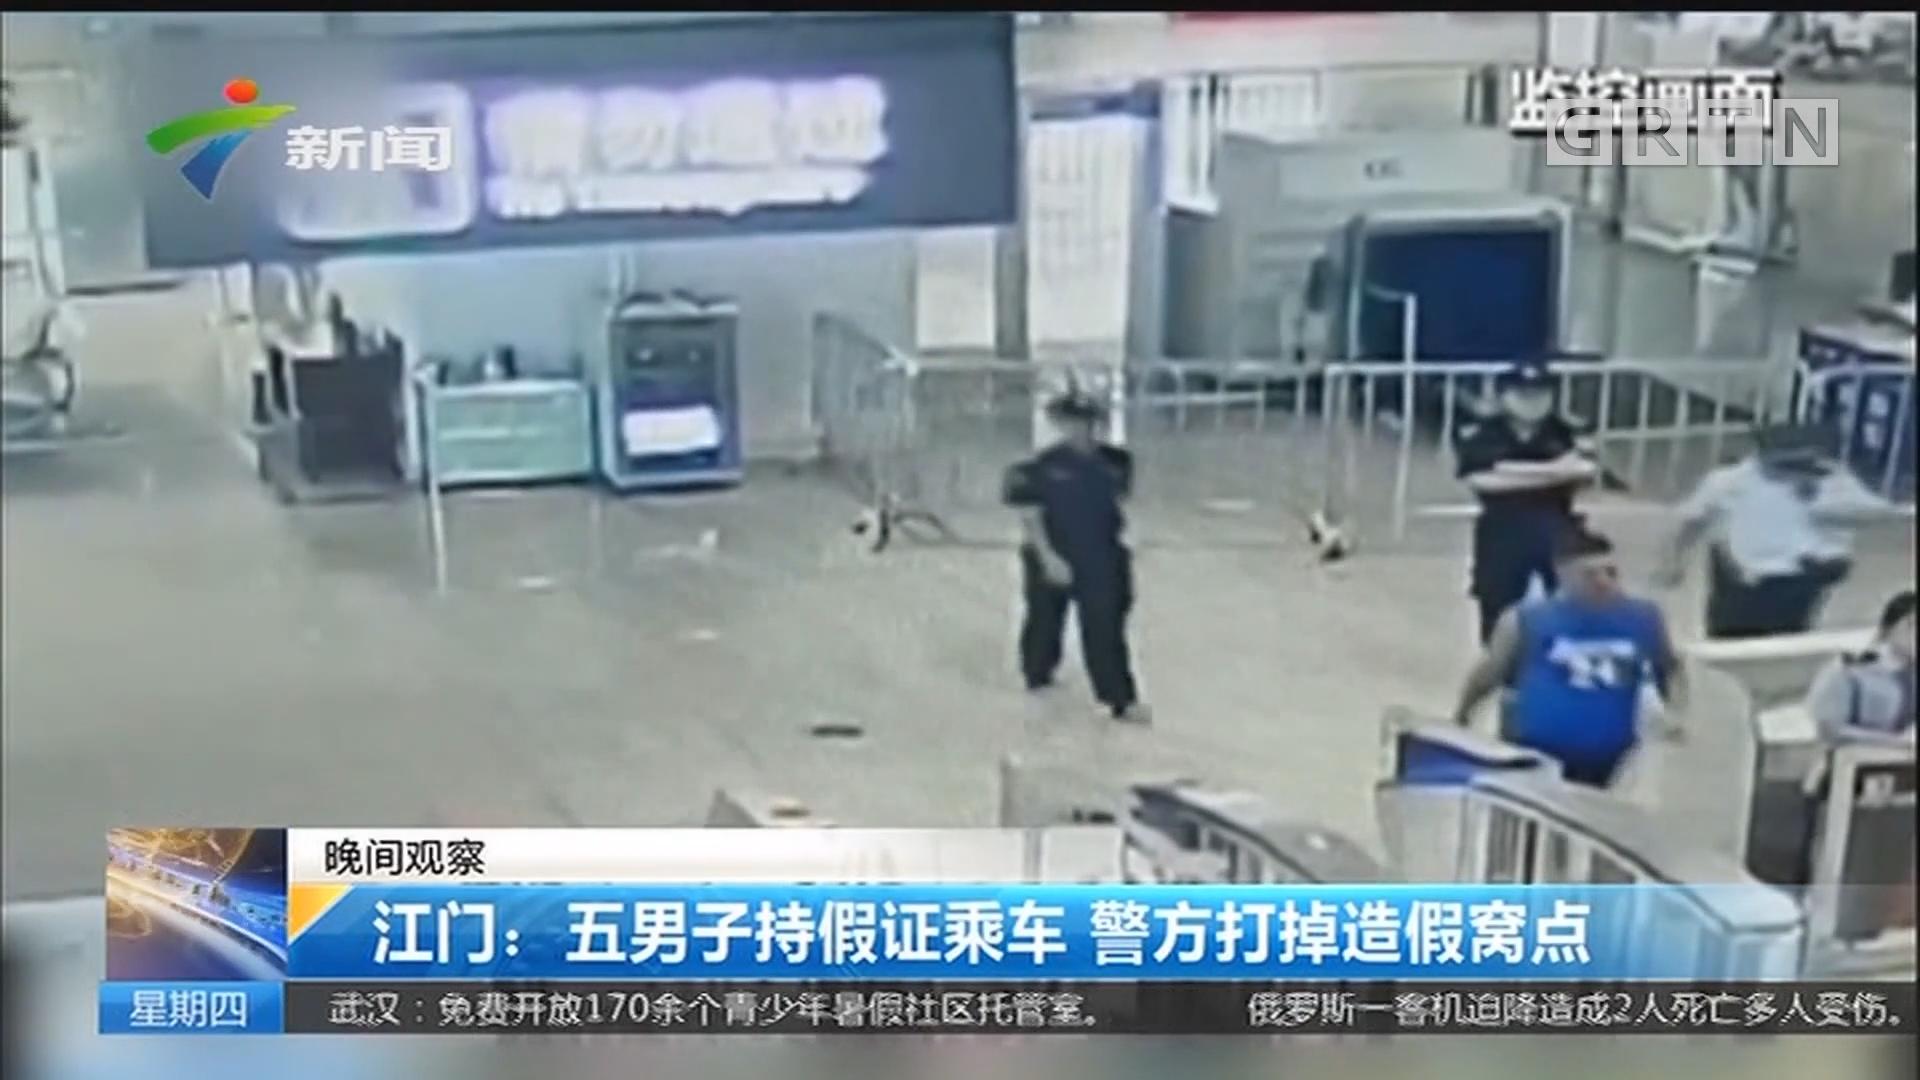 江门:五男子持假证乘车 警方打掉造假窝点